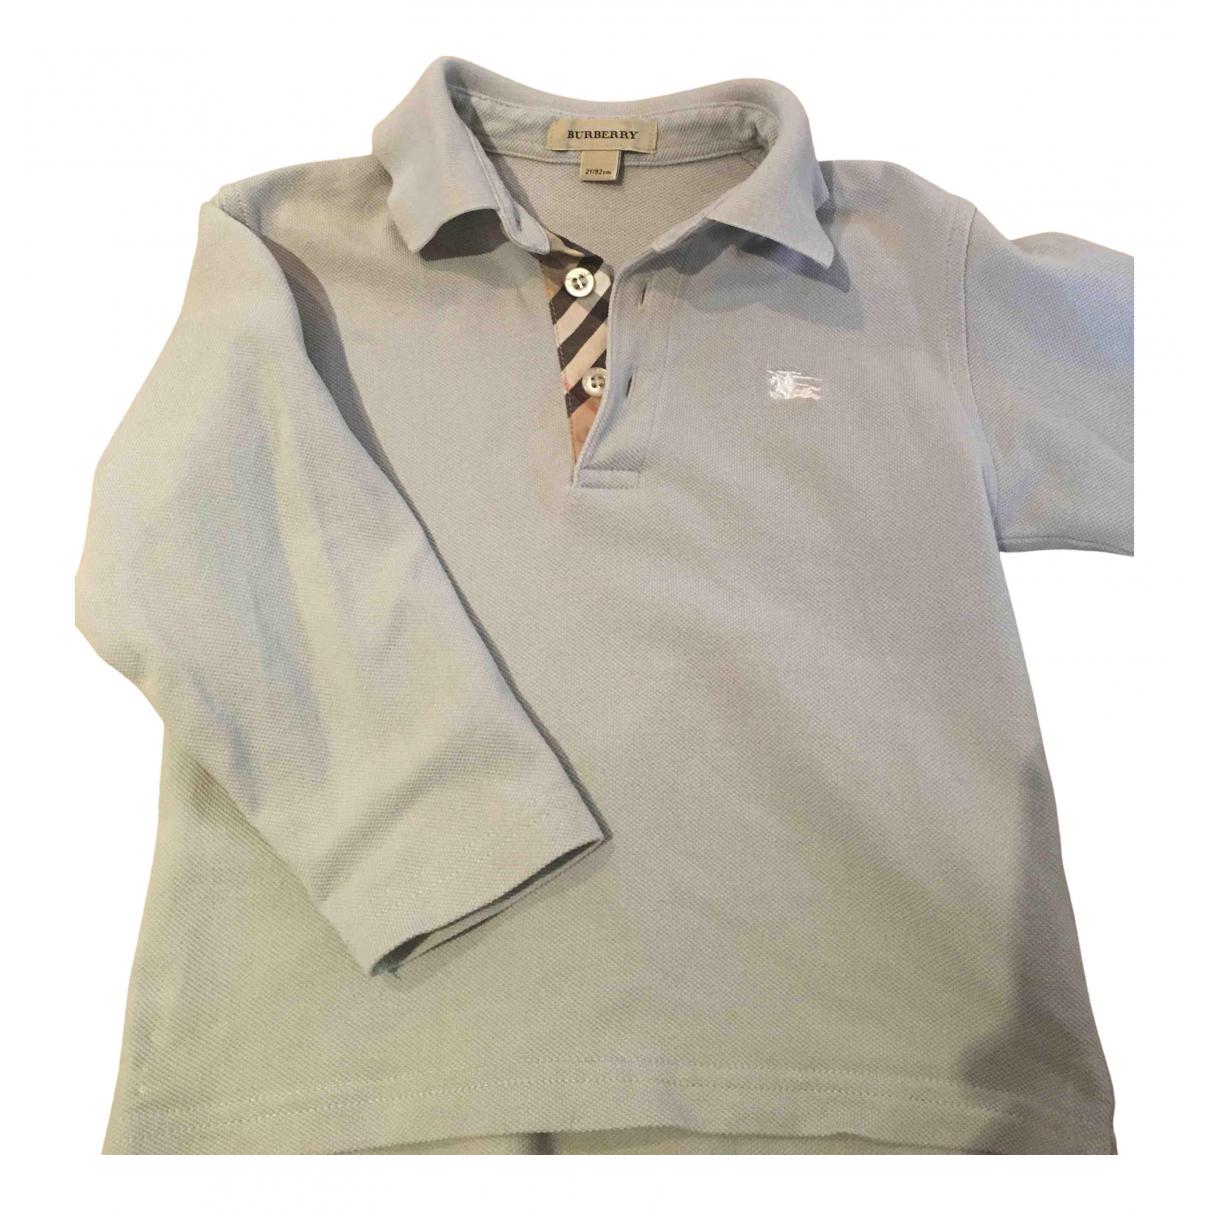 Burberry - Top   pour enfant en coton - gris